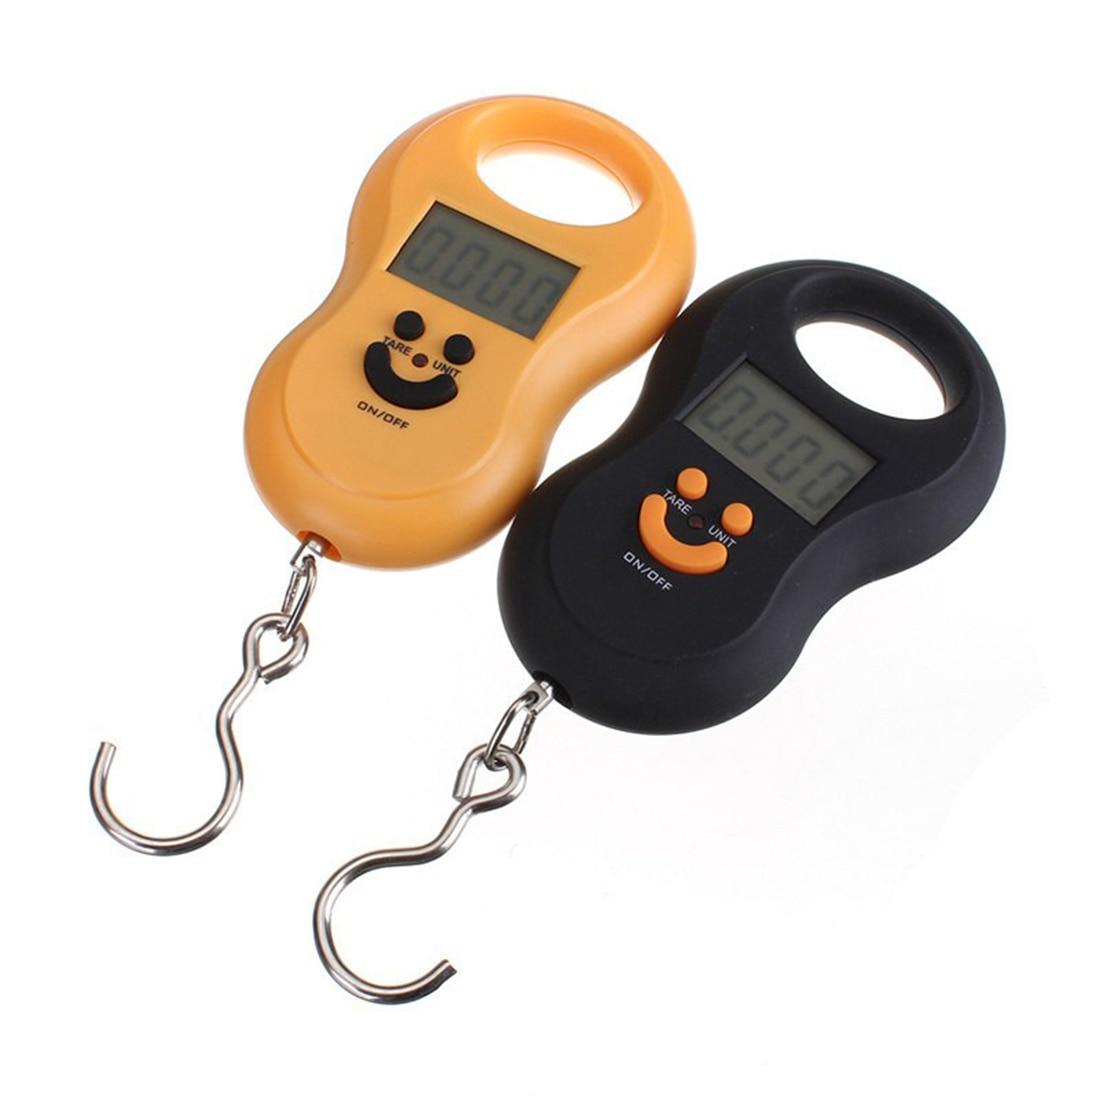 Висячие Шкала 50 кг x 10 г Мини Портативный электронные подсветка весы для багажа цифровой Путешествия Крюк шкала Цвет случайный